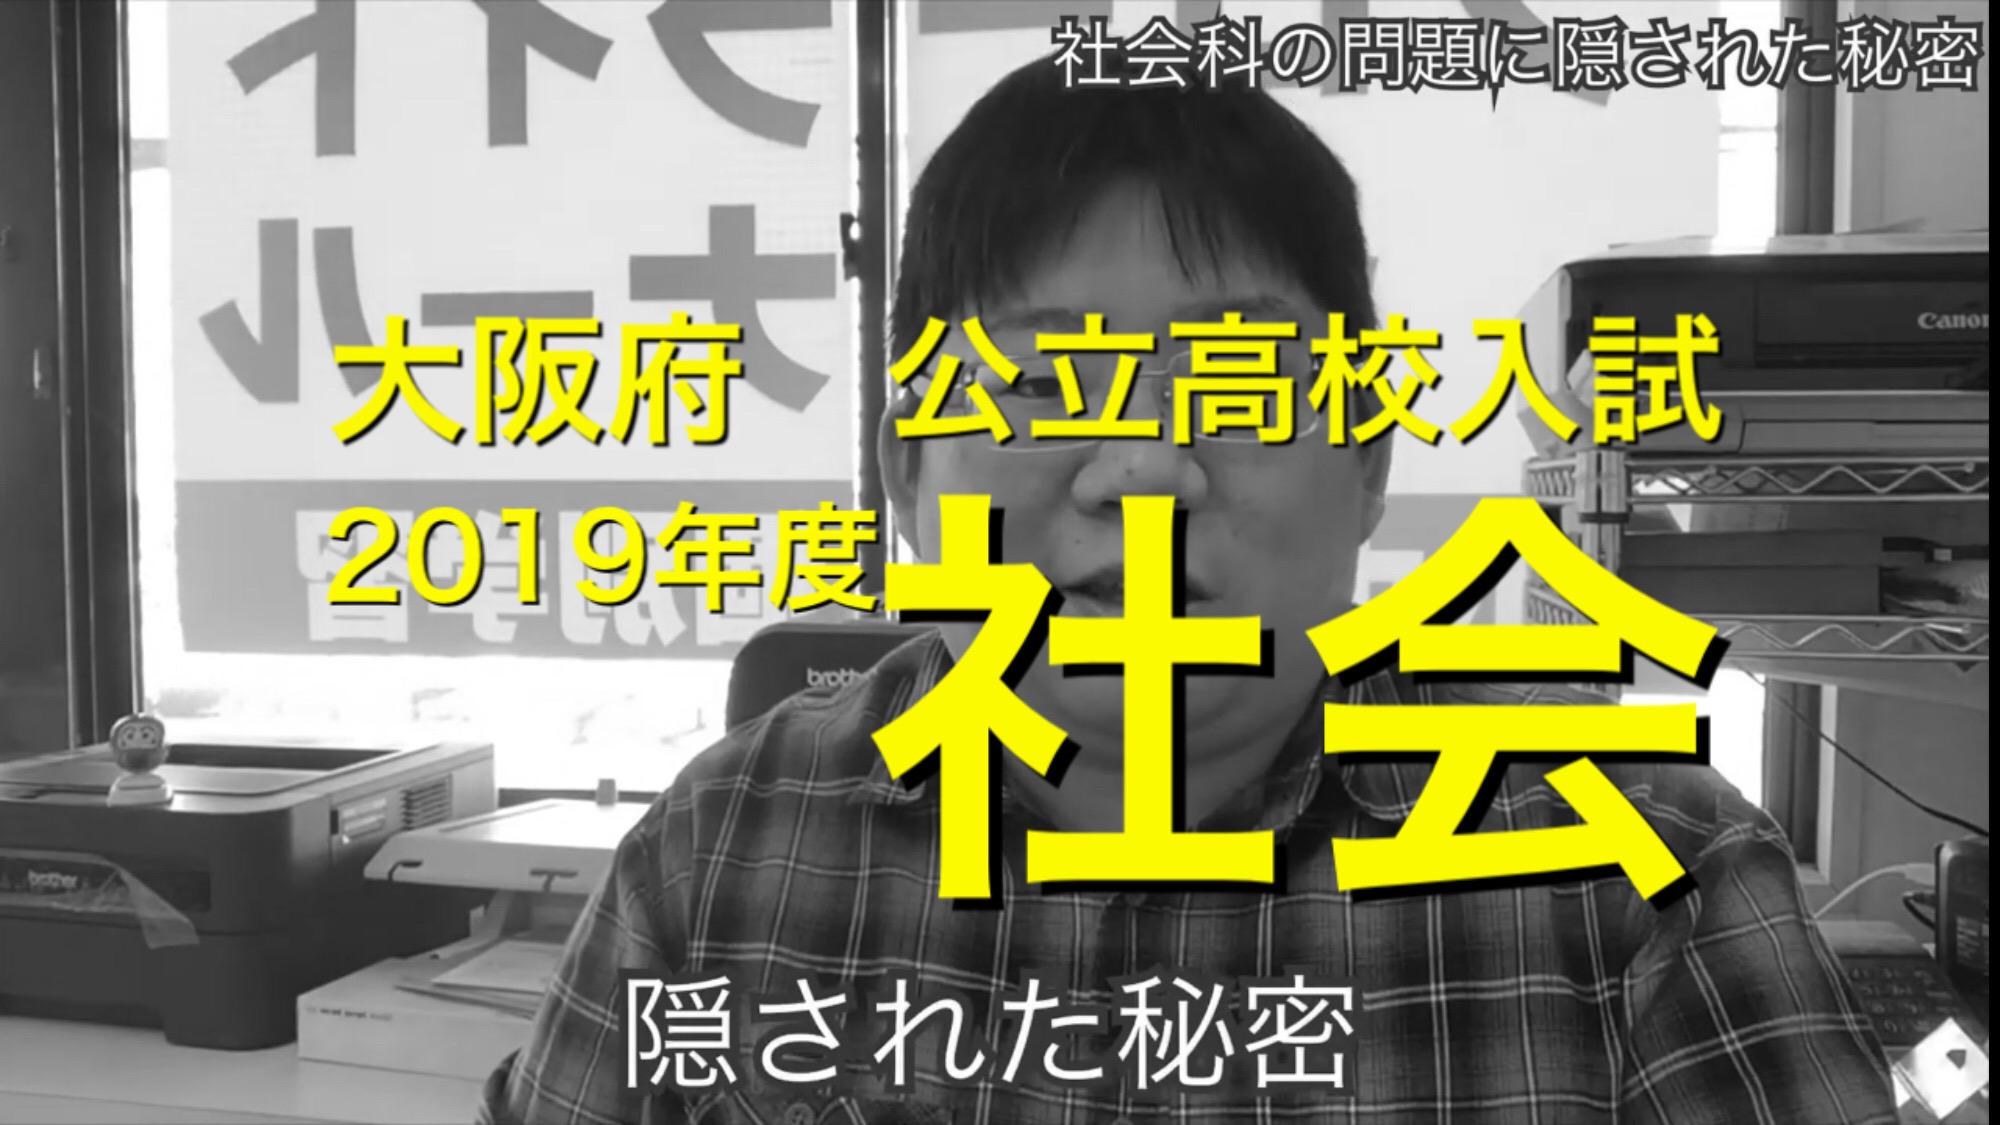 (動画)2019年大阪公立高校入試(社会)を分析